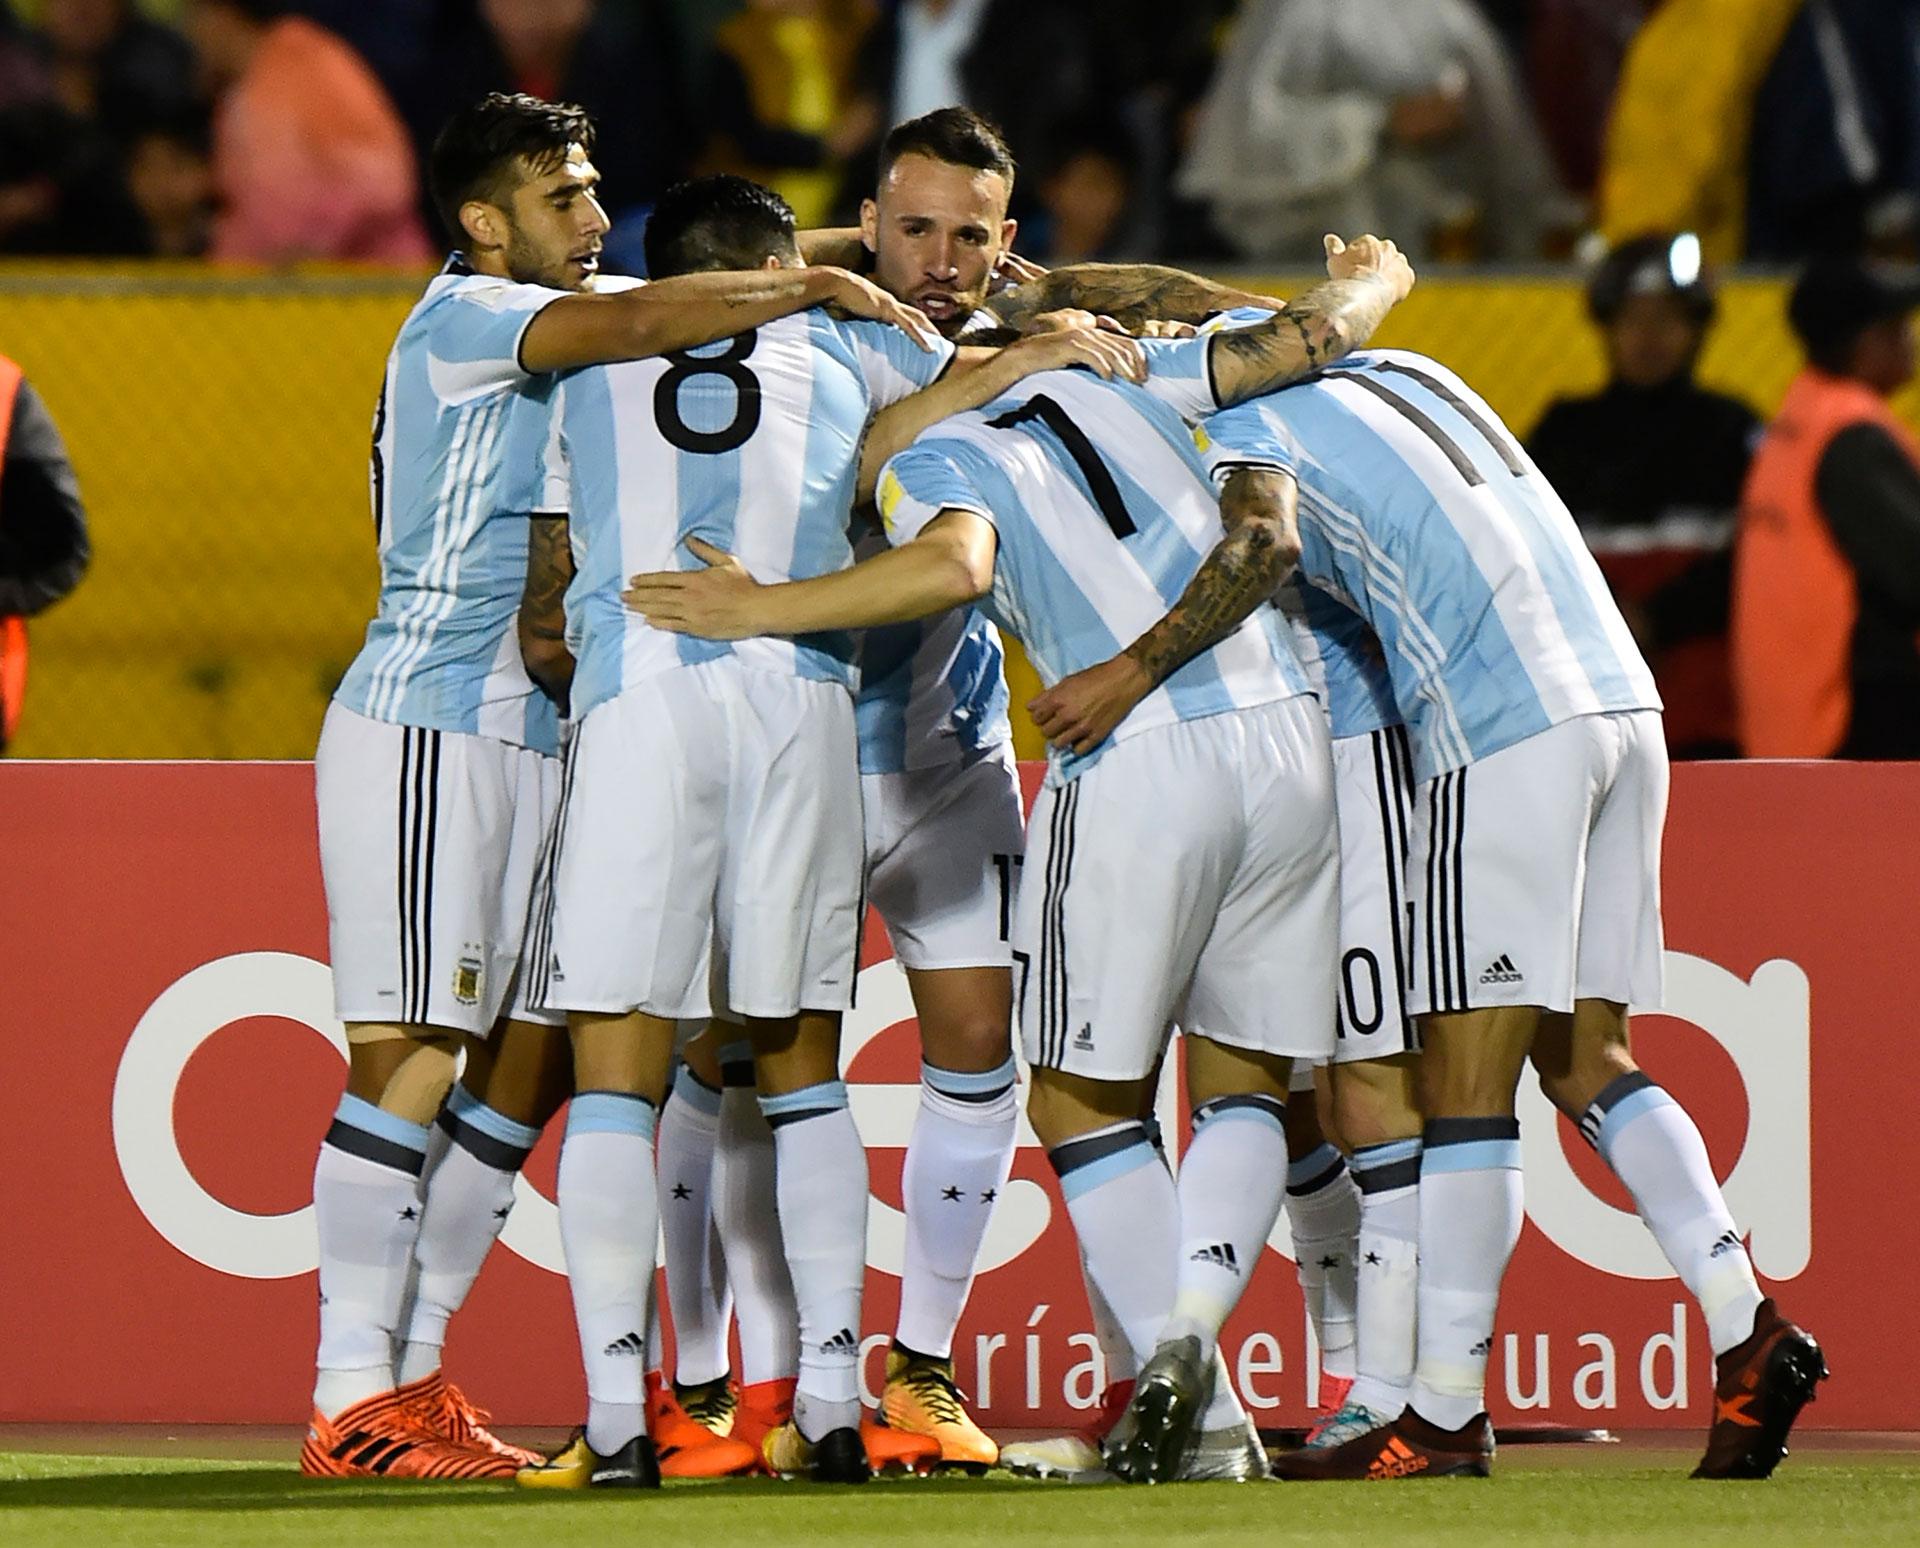 Con un hermoso disparo que se enredó en el ángulo de Banguera,, Messi puso el 2 a 1